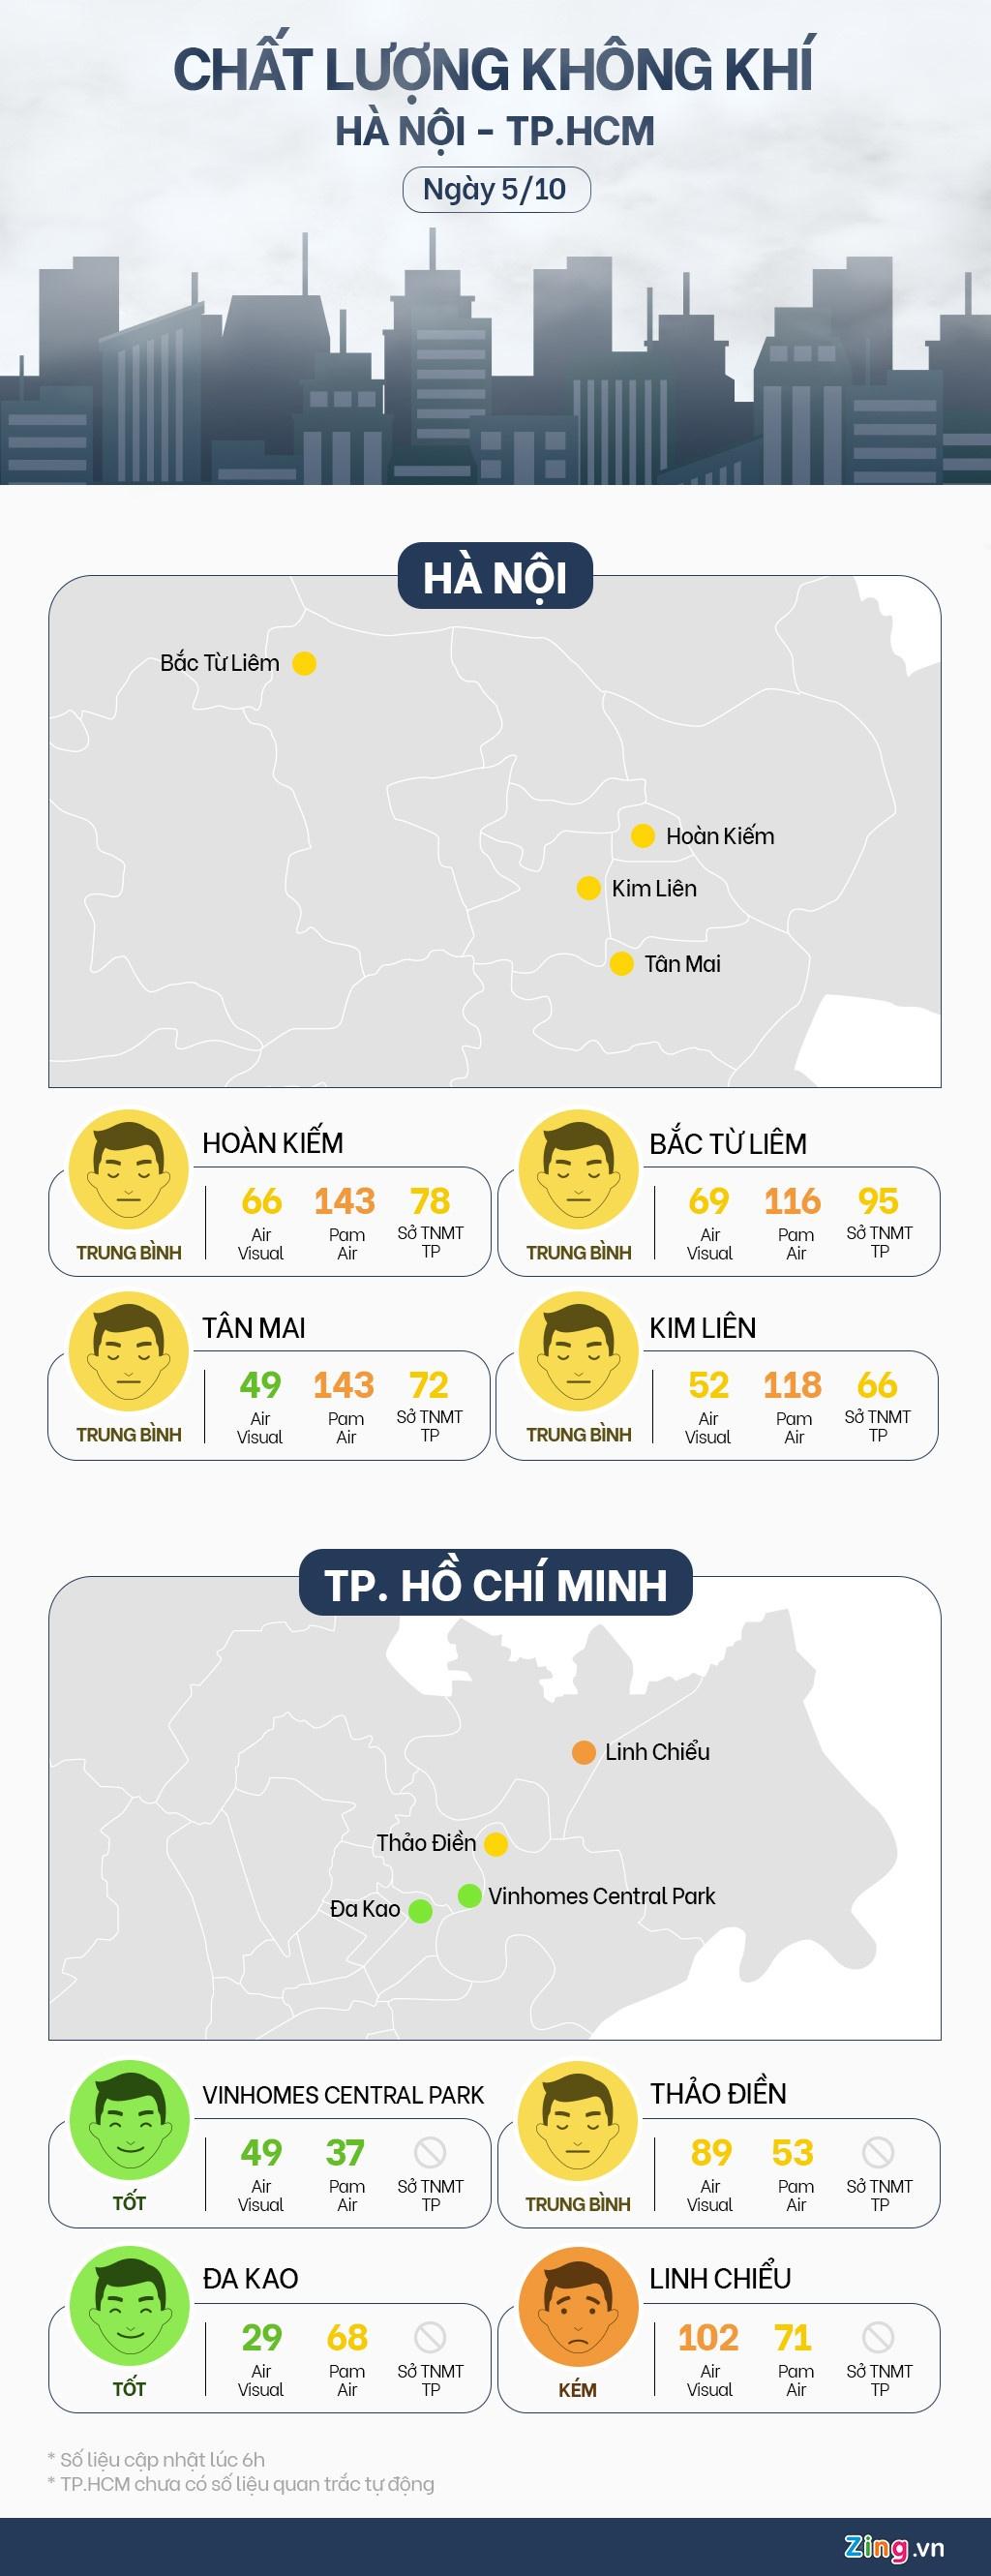 Chat luong khong khi Ha Noi va TP.HCM ngay 5/10 hinh anh 1